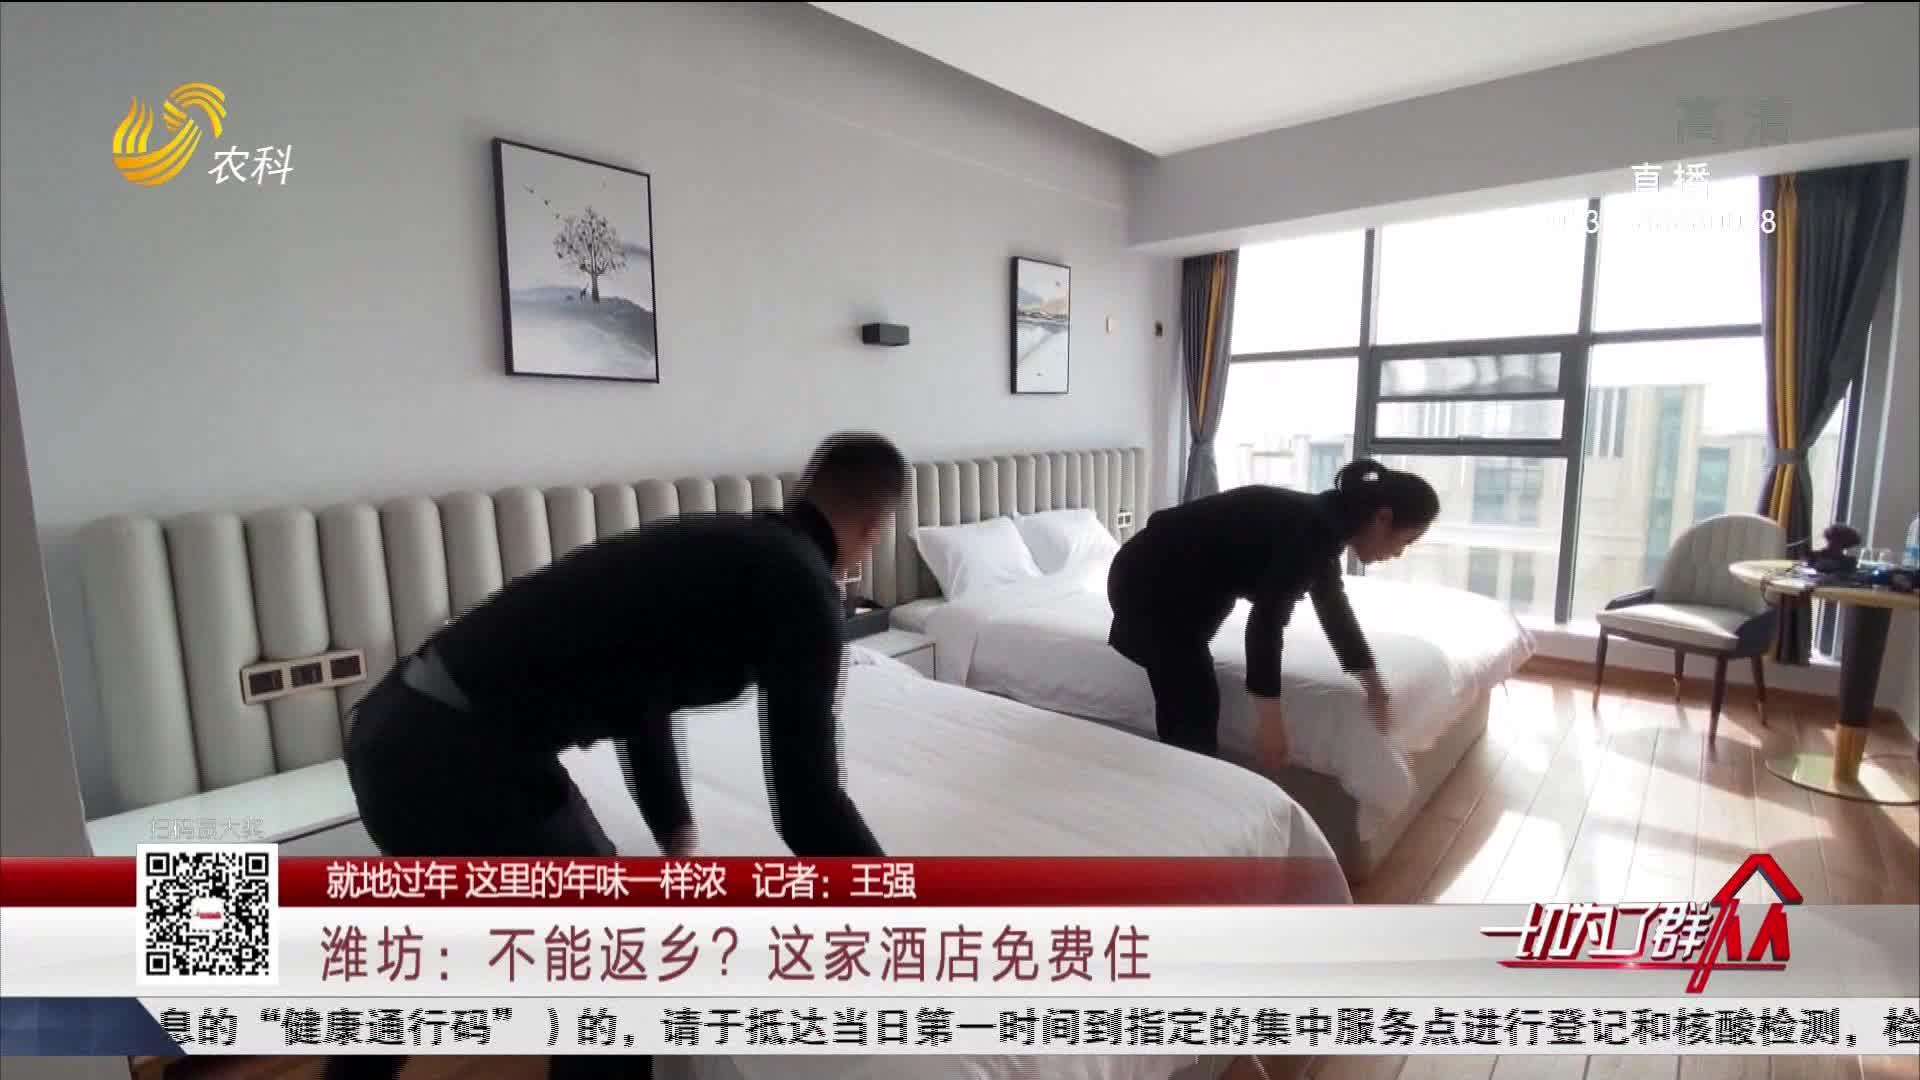 【就地过年 这里的年味一样浓】潍坊:不能返乡?这家酒店免费住